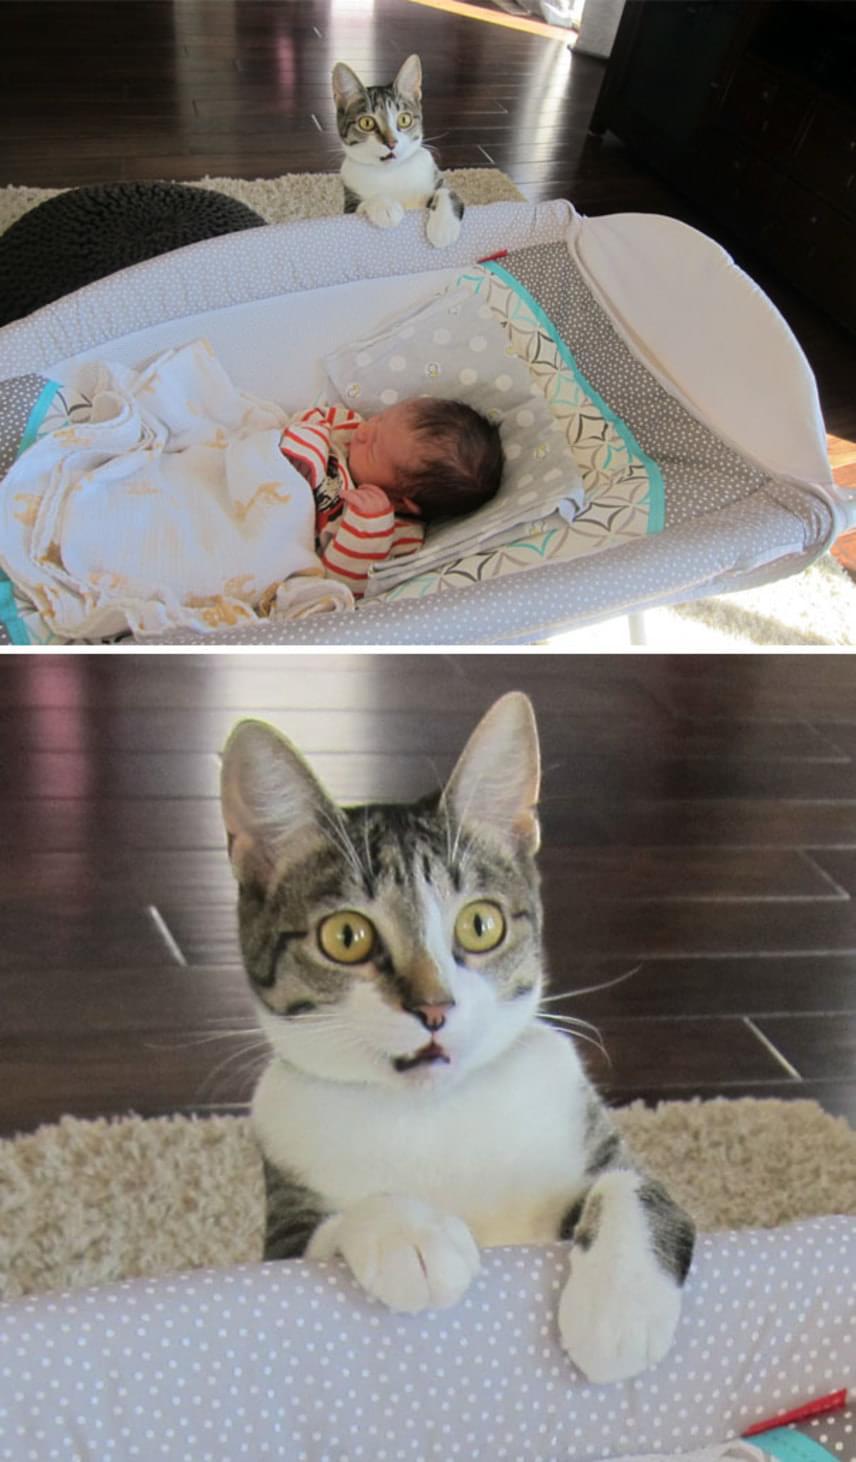 Ez a cica egyáltalán nem volt felkészülve az új jövevényre, aki a kiságyában édesdeden aludta álmát. Az első ijedtség után később persze összebarátkoztak.